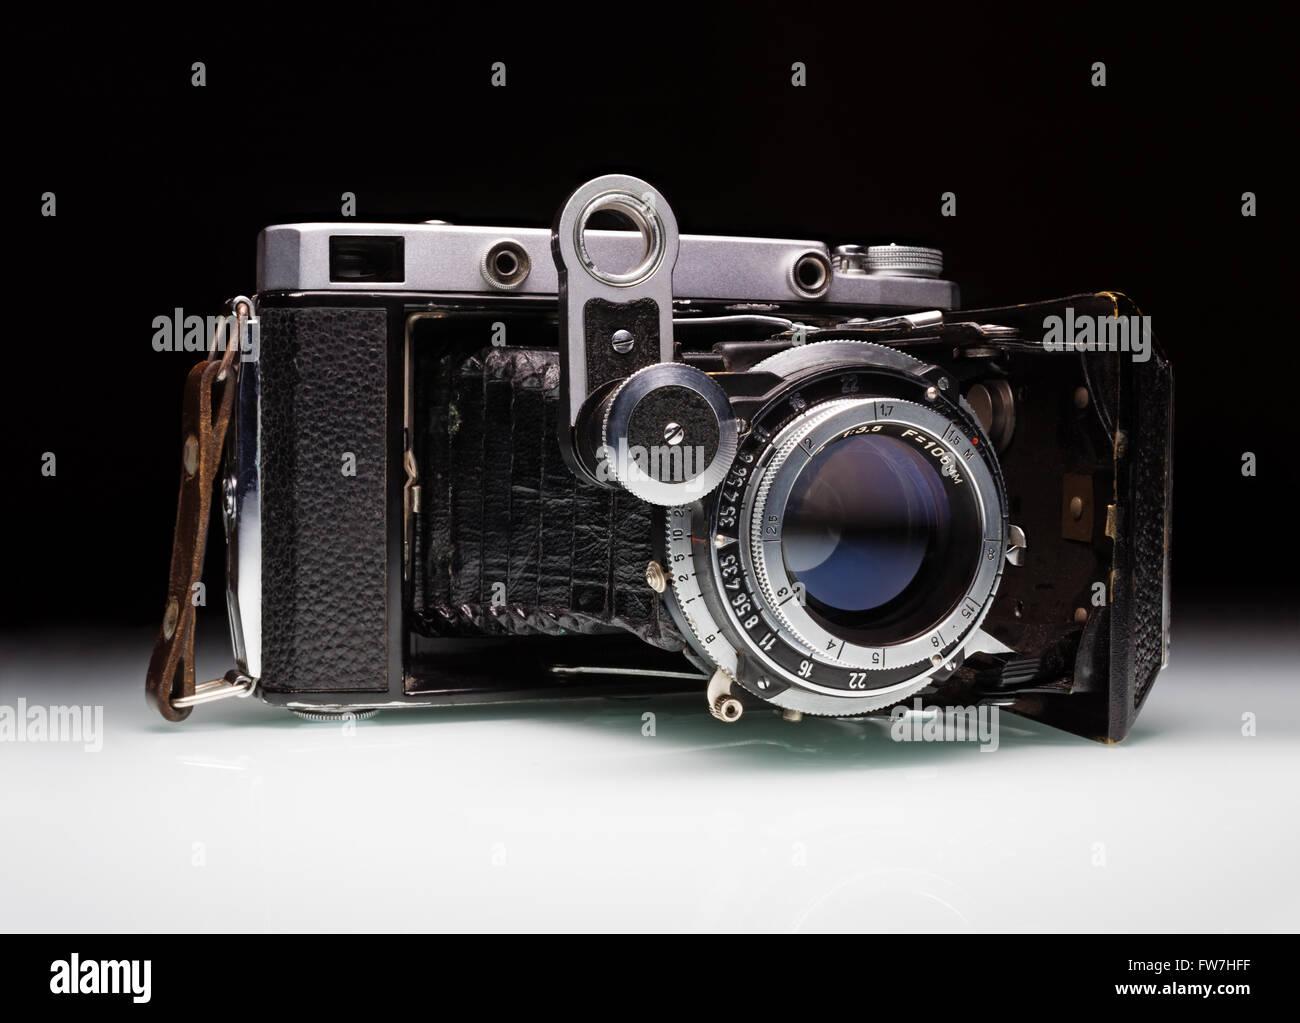 Eine sehr alte Falten Bälge Kamera vor einem schwarzen Hintergrund, Studio gedreht Stockbild